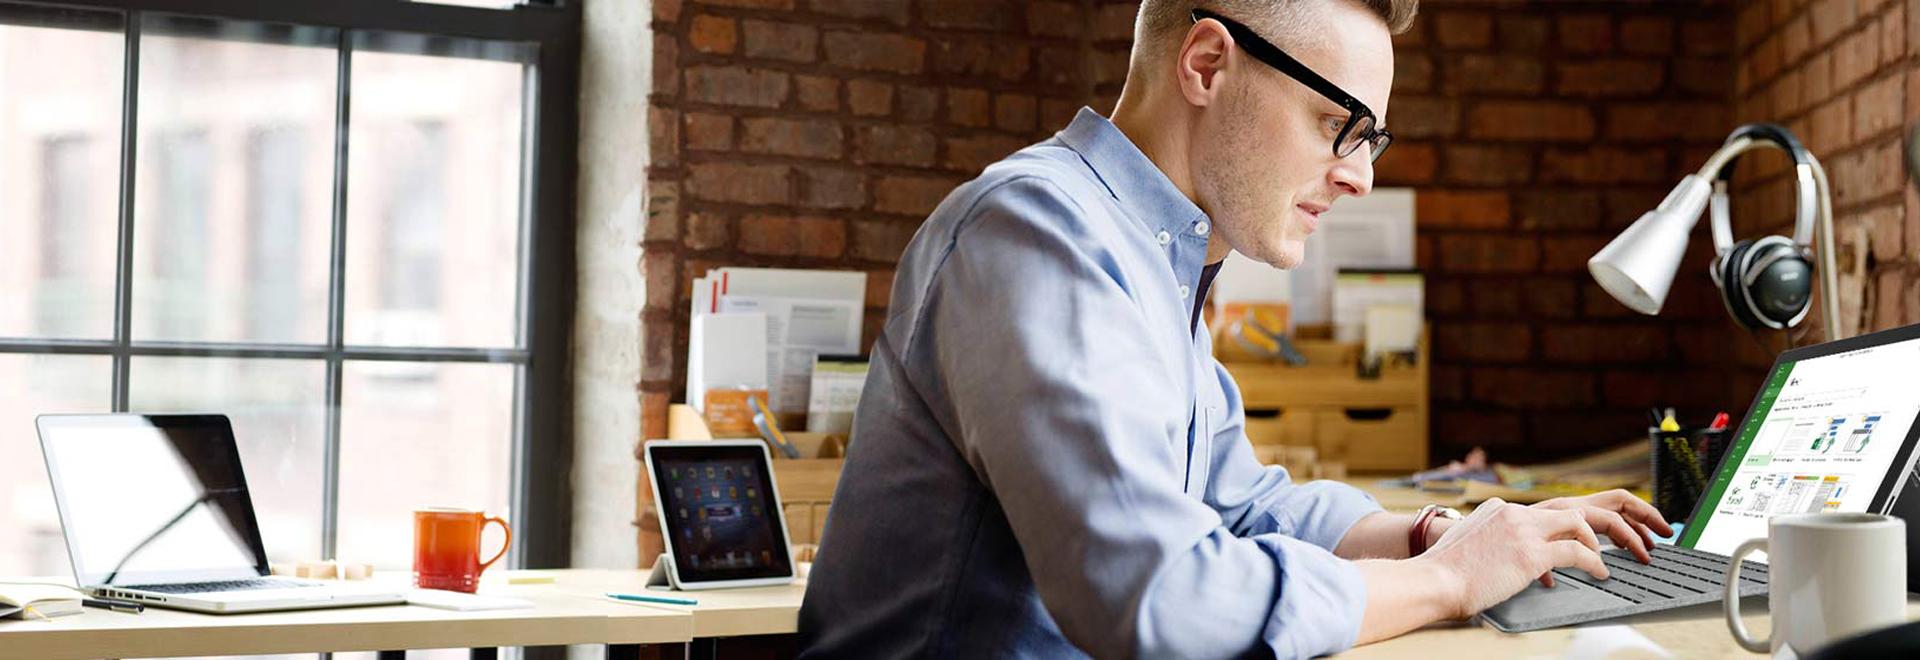 Muž sedí u stolu a pracuje na tabletu Surface s Microsoft Projectem